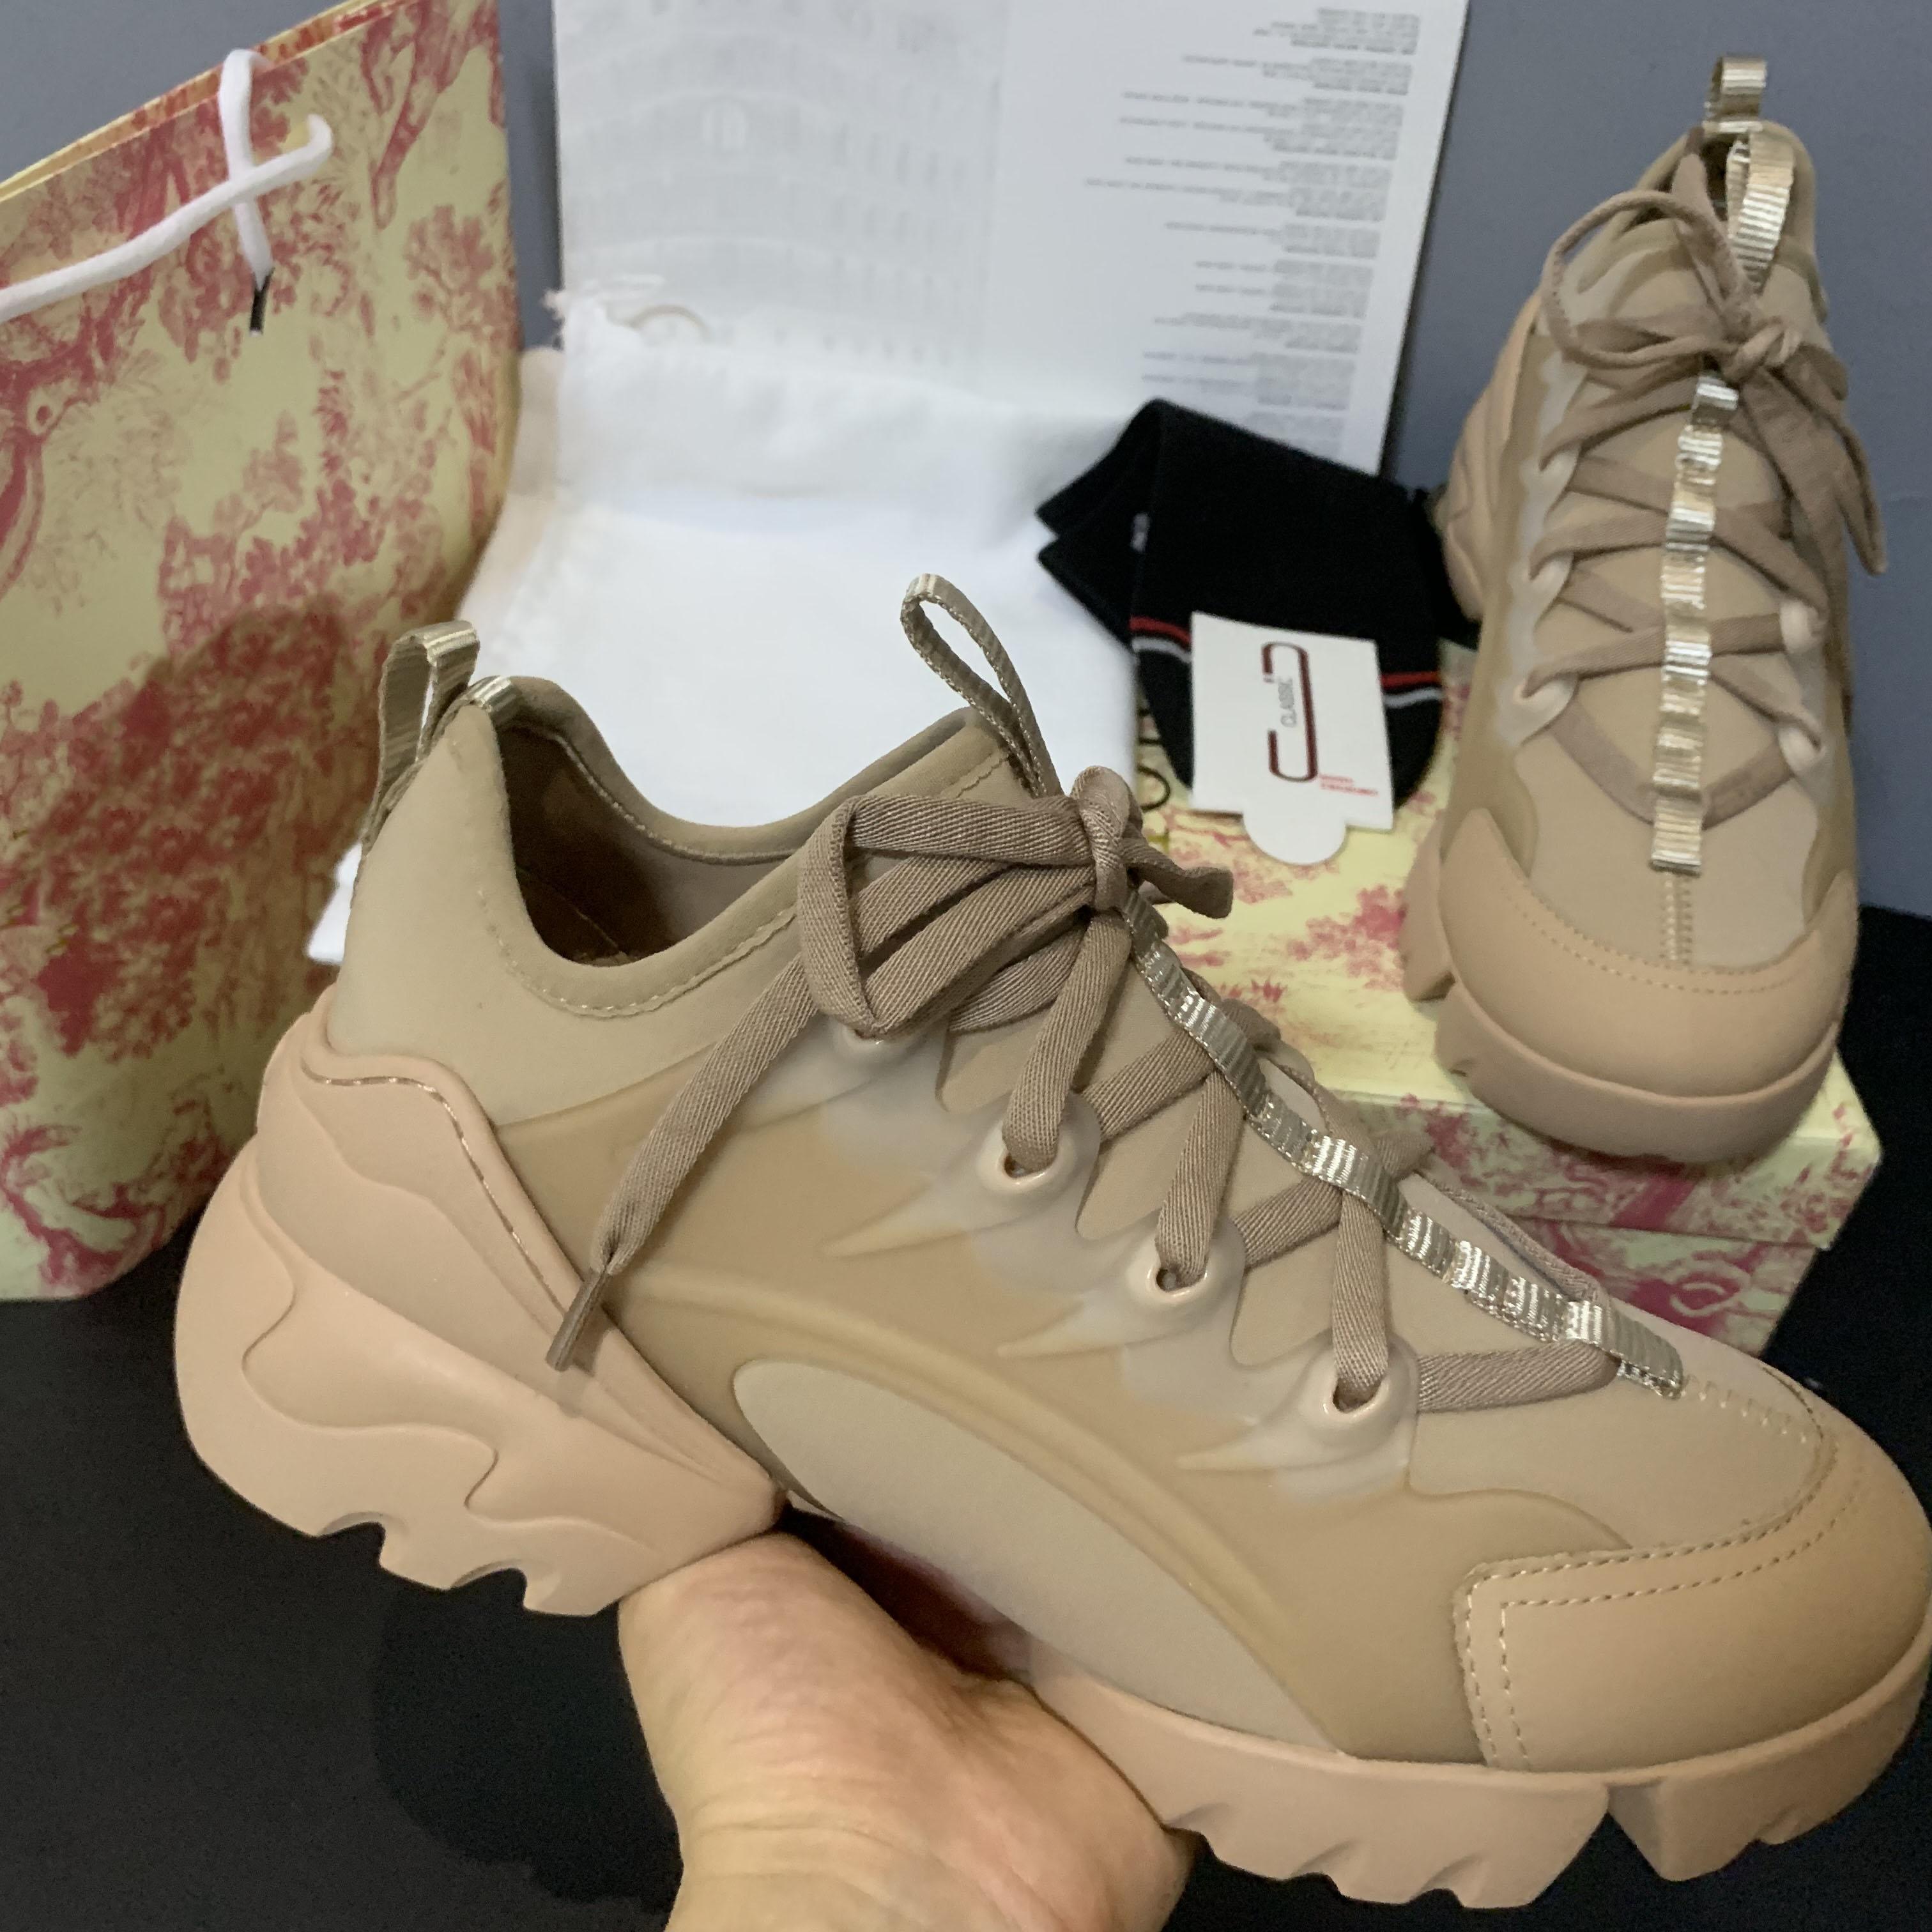 Più nuove donne degli uomini scarpe casual scarpe da tennis della piattaforma del nastro D Collegare neoprene grosgrain stampato fiore delle donne delle scarpe da tennis trasparente